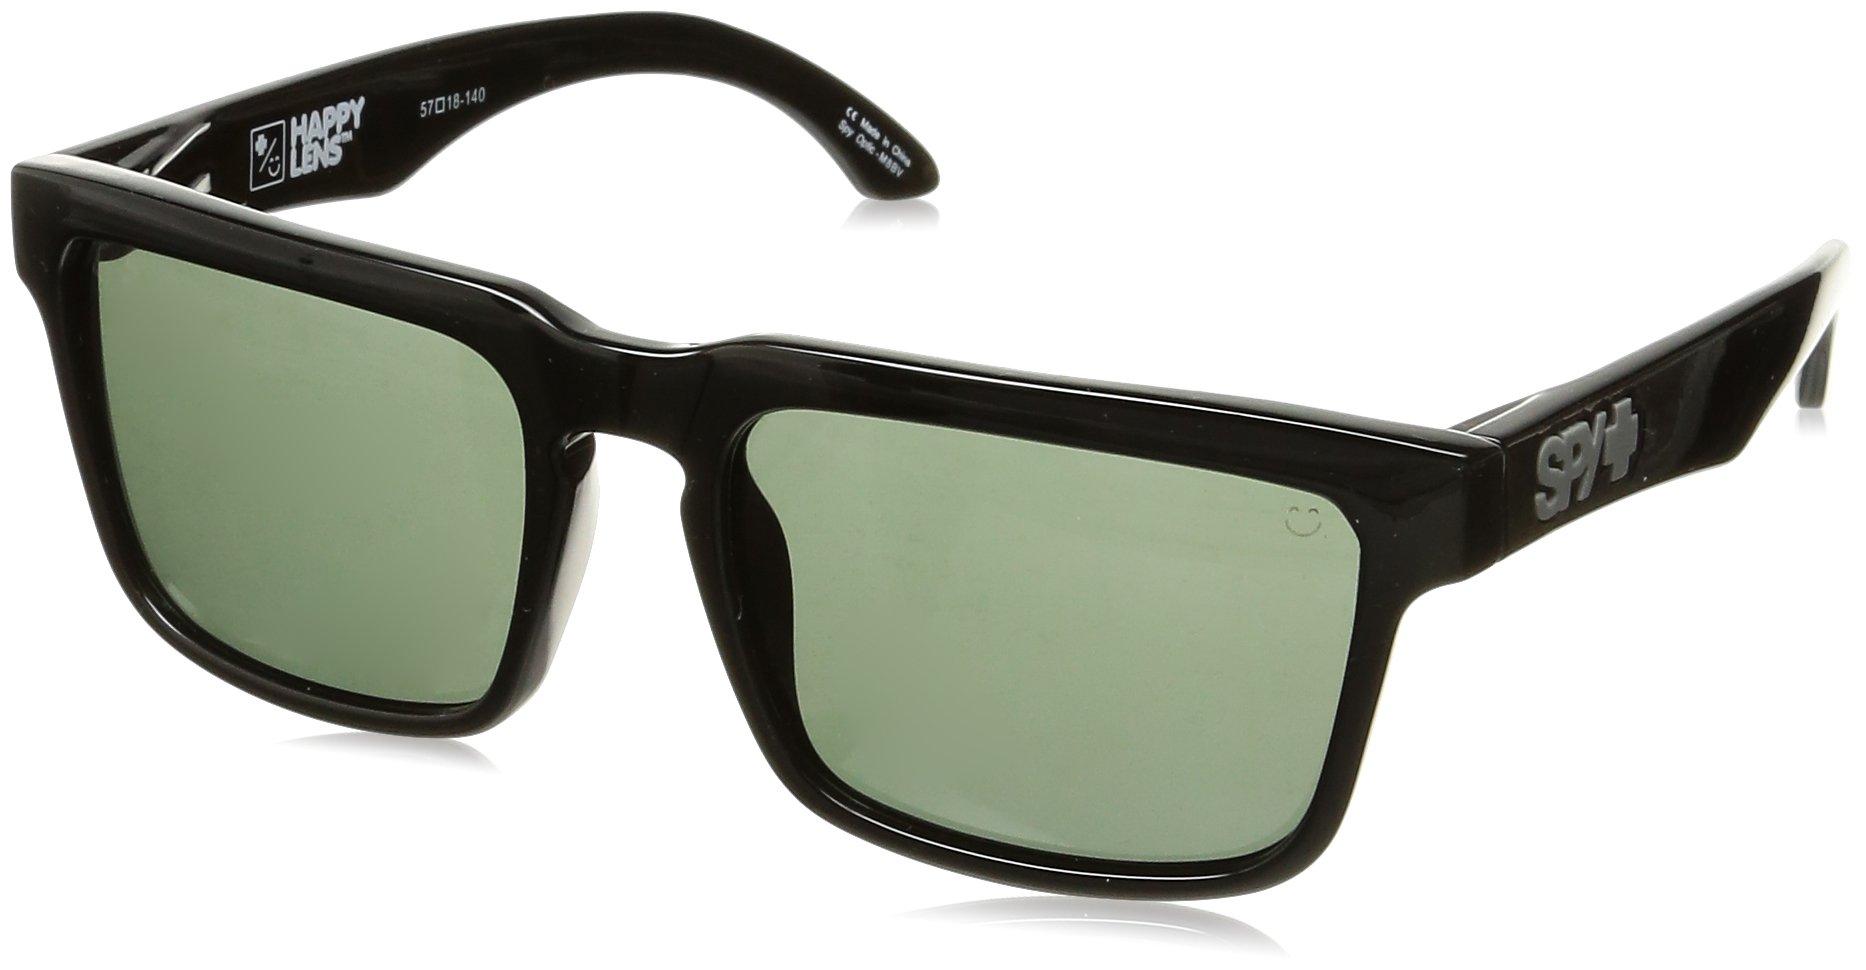 20f4f6cfc3 Get Quotations · Spy Optic Helm Flat Sunglasses